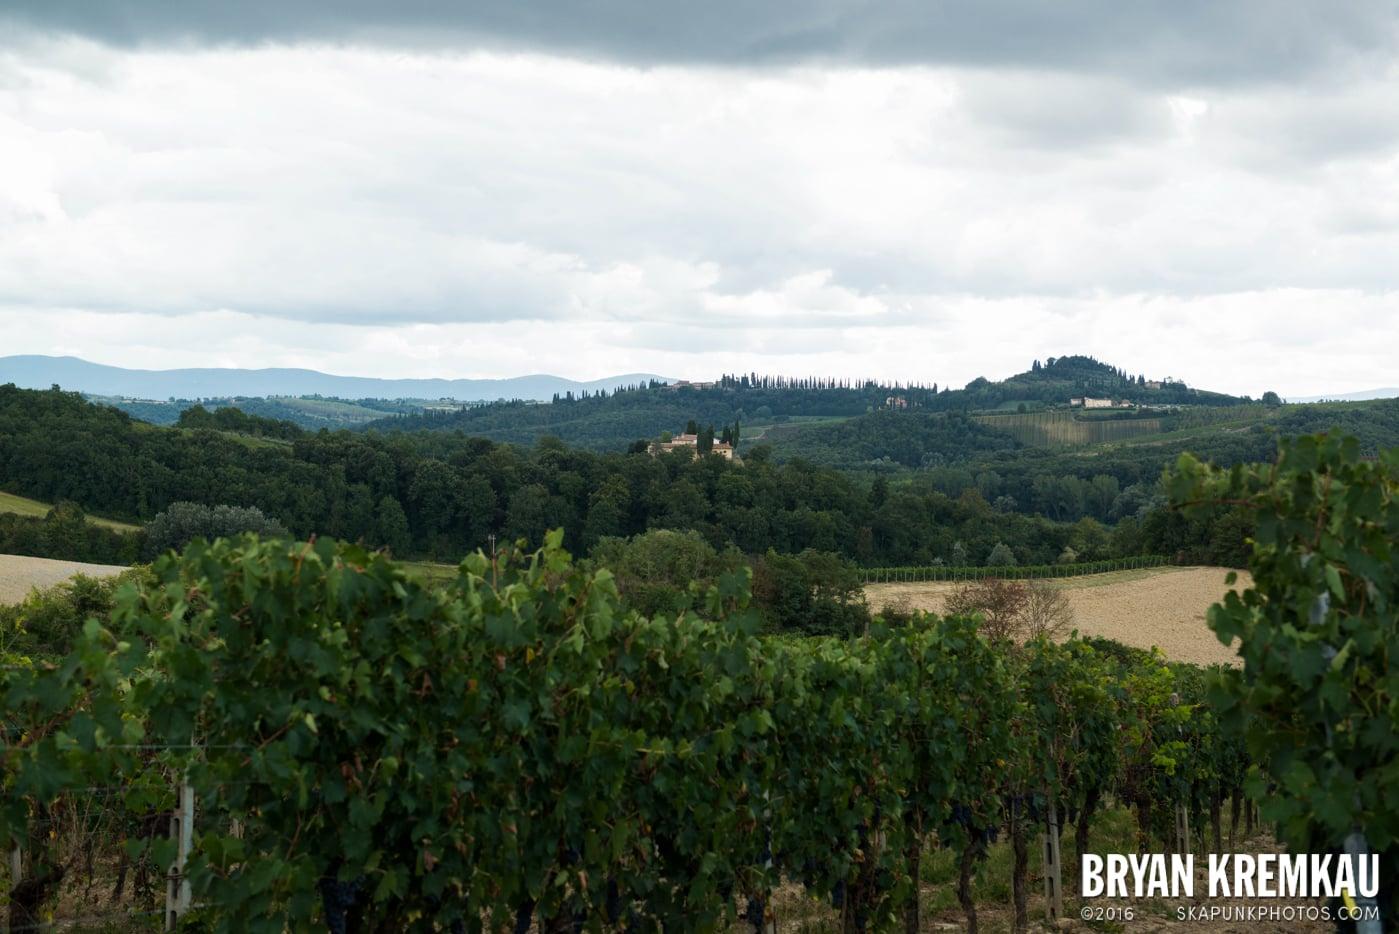 Italy Vacation - Day 8: Siena, San Gimignano, Chianti, Pisa - 9.16.13 (101)